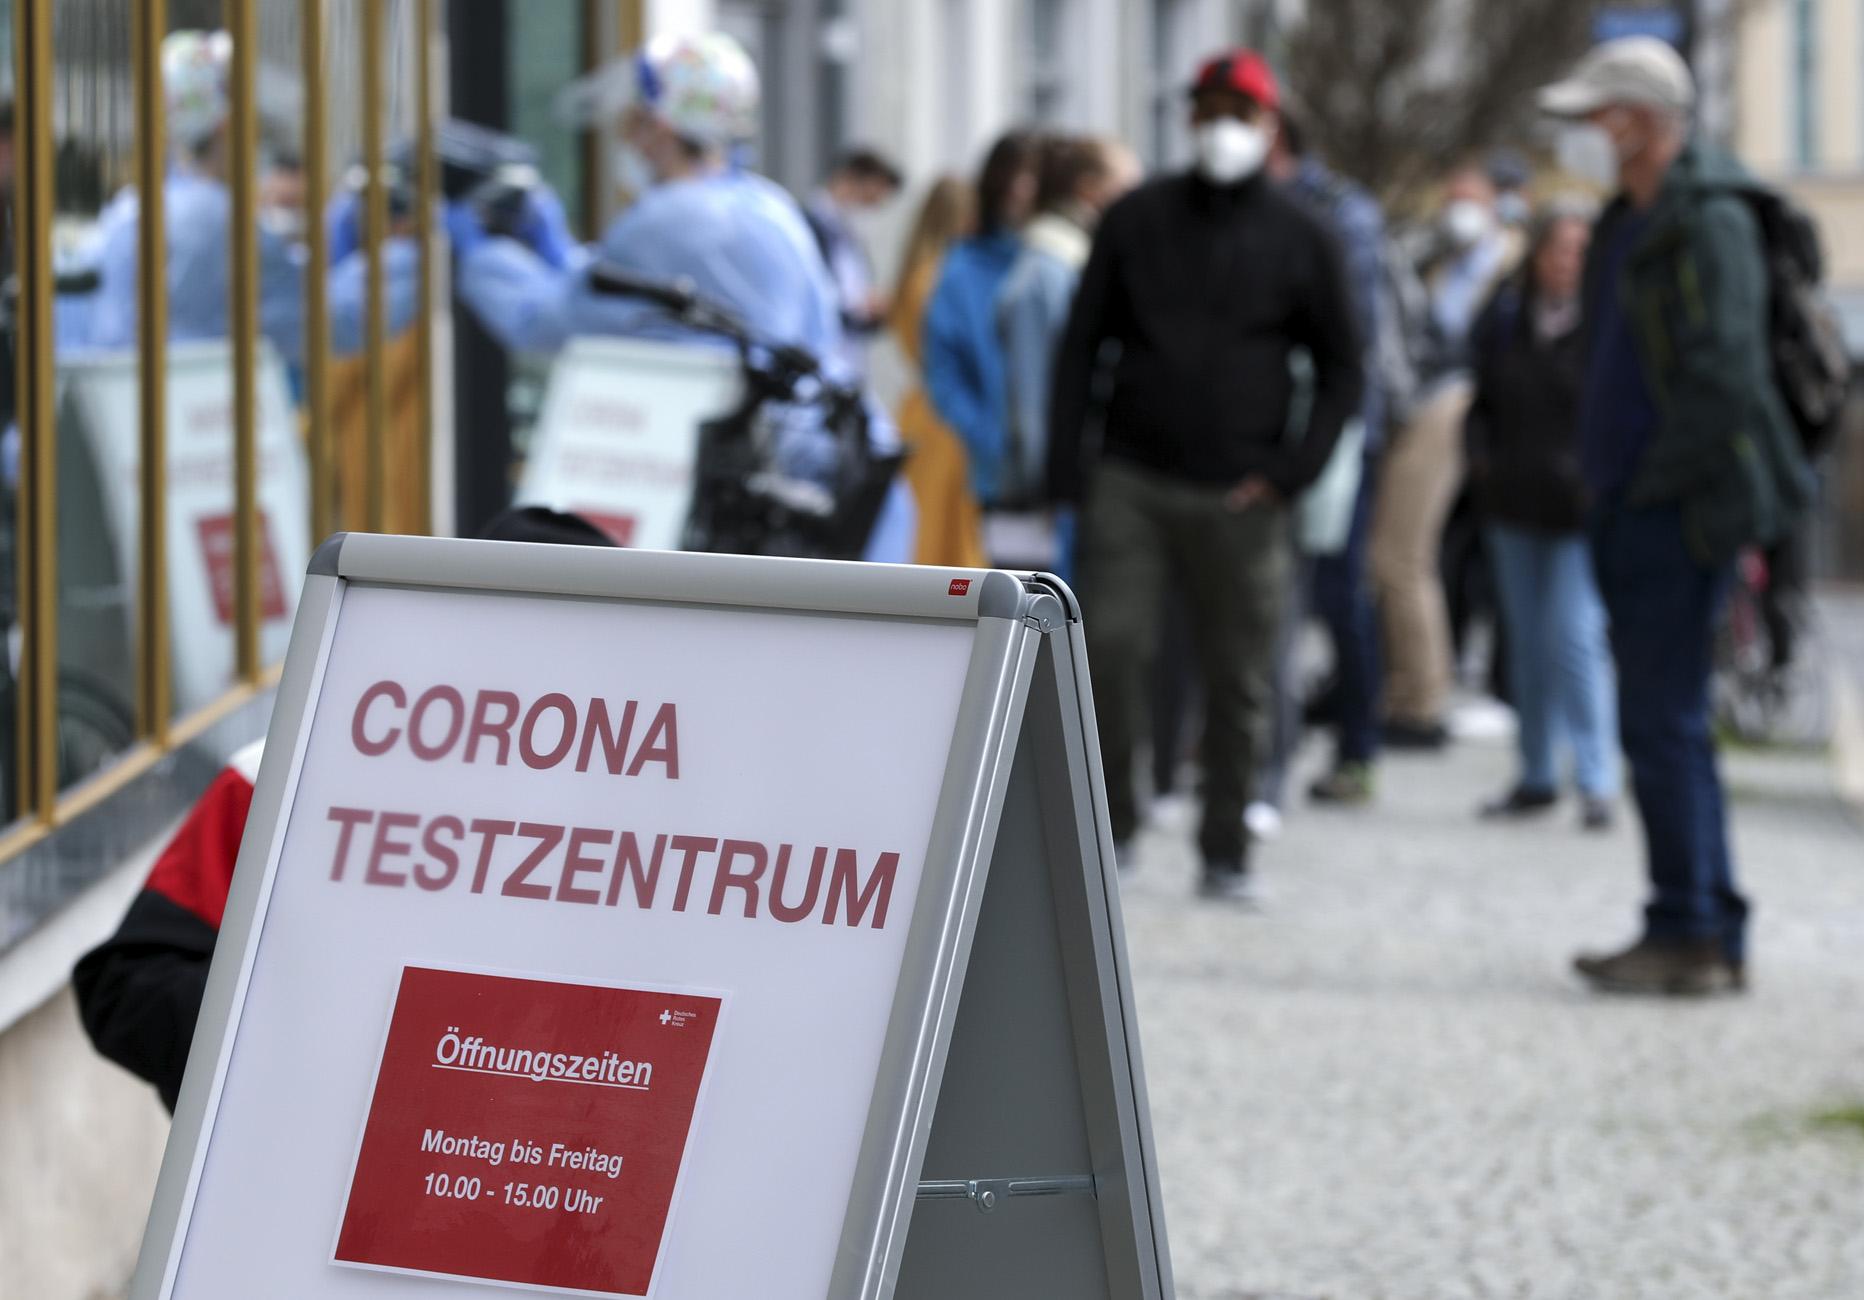 Γερμανία: Χαλαρώνει το lockdown στο Μόναχο